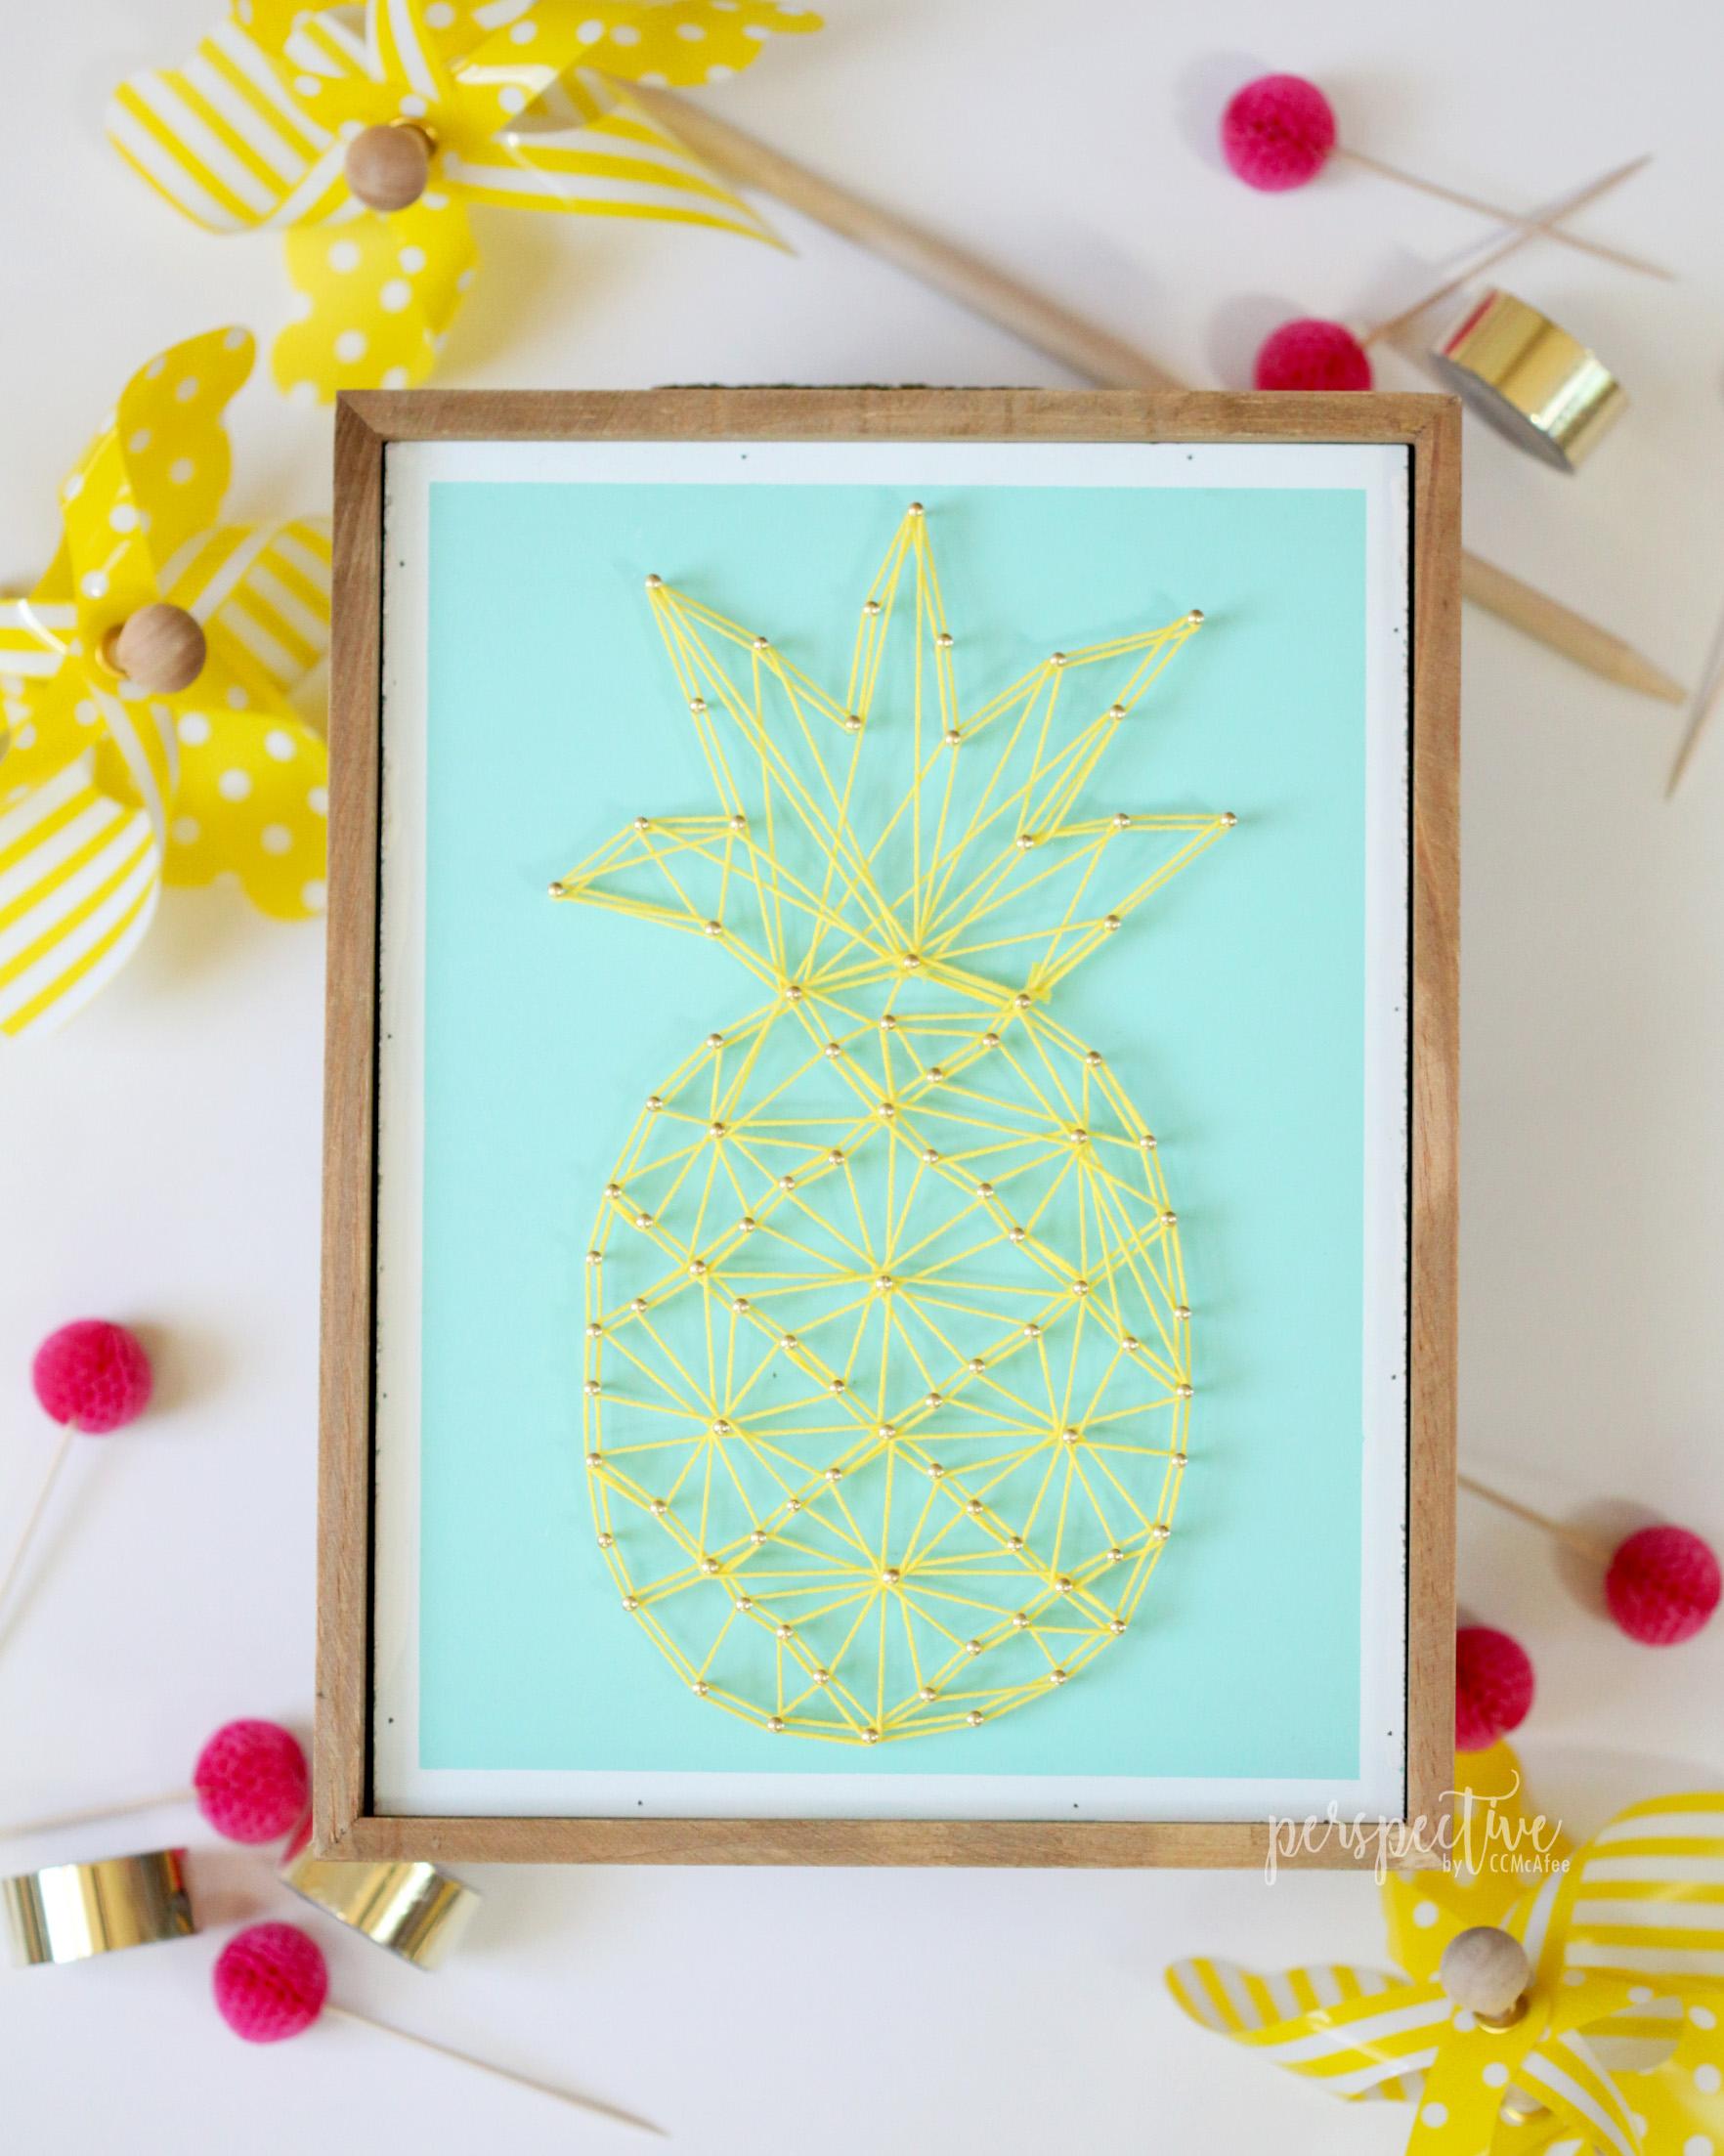 pineapple decor, pineapple string art, hobby lobby